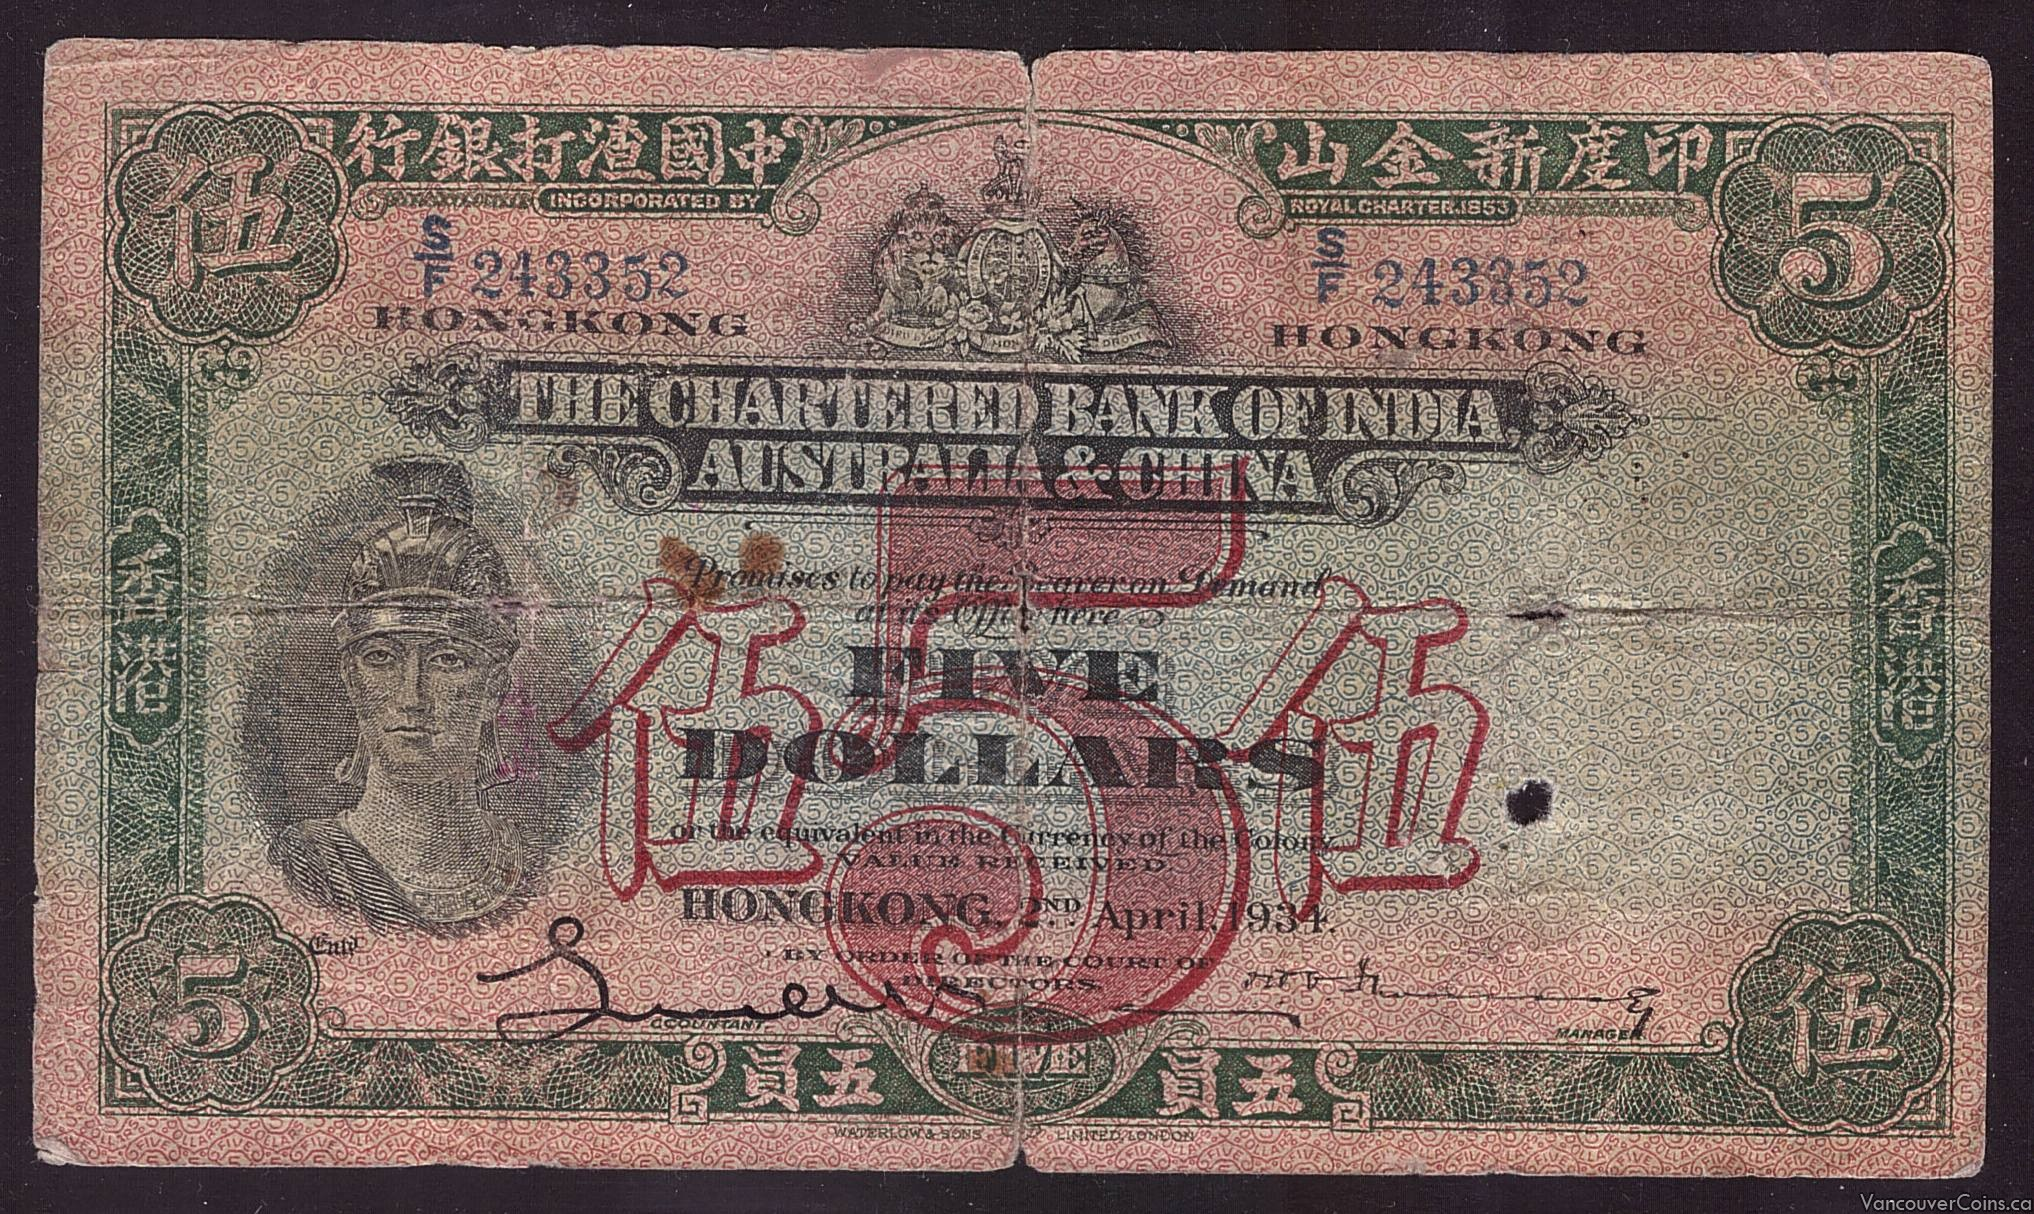 Hong Kong Chartered Bank of India Australia and China $5 banknote